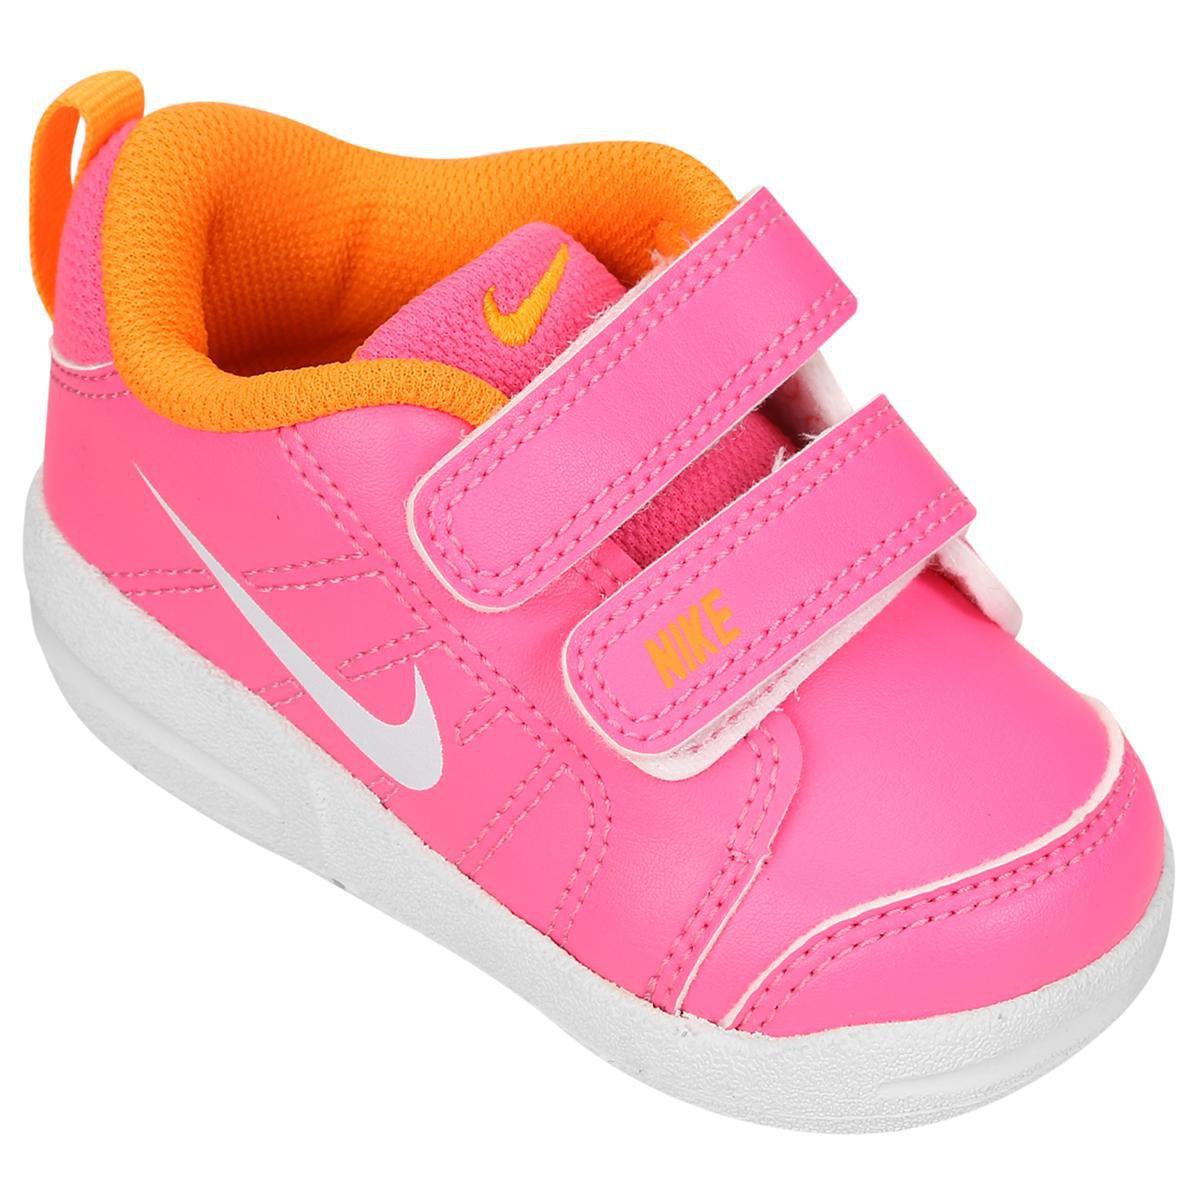 081e6da9190 Tênis Infantil Nike Pico Lt - Rosa e Laranja - Compre Agora